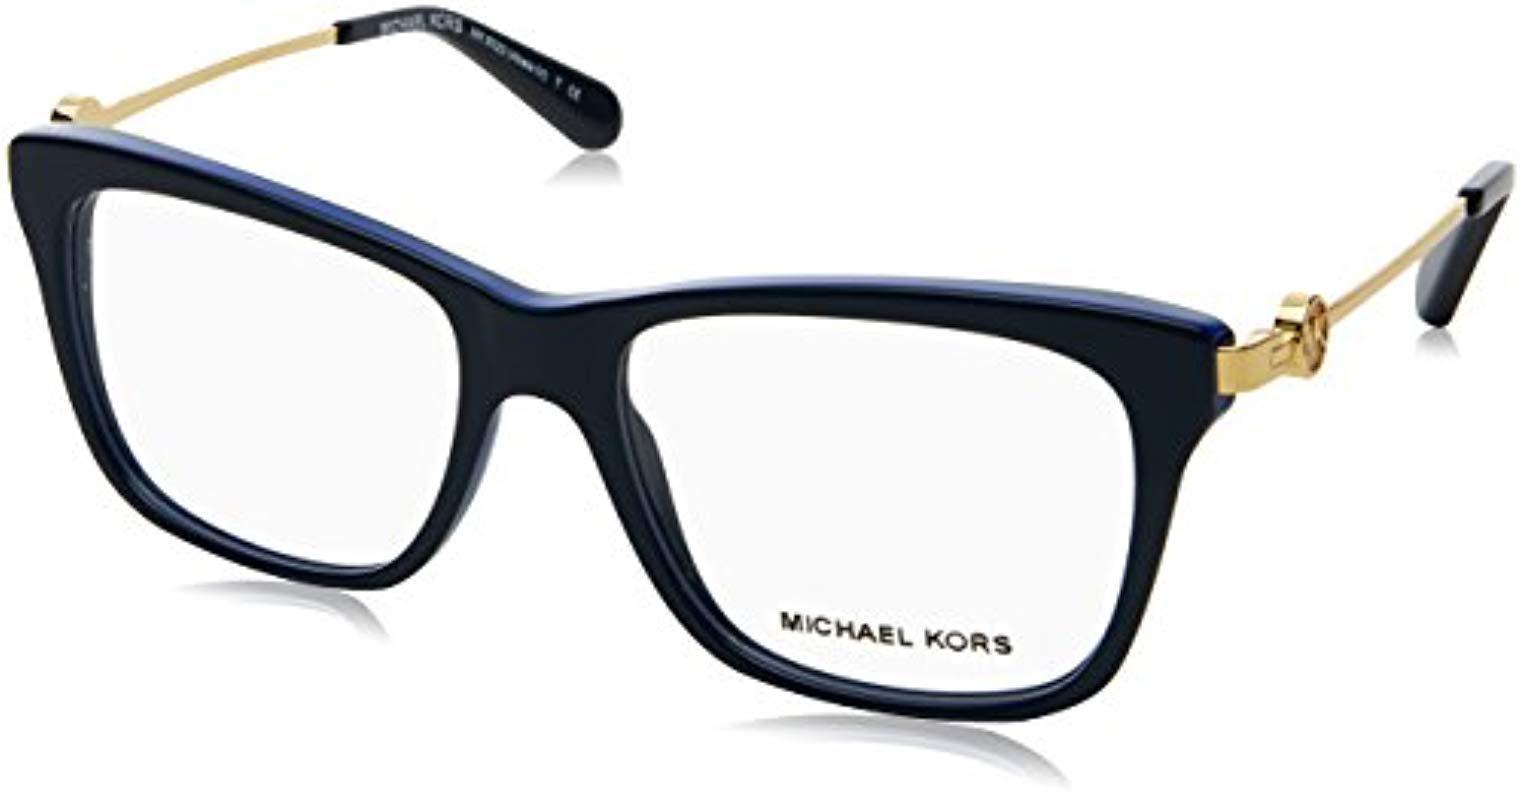 4f59d288db9c4 Michael Kors Abela Iv Glasses In Dark Tortoise Mk8022 3135 52 in ...